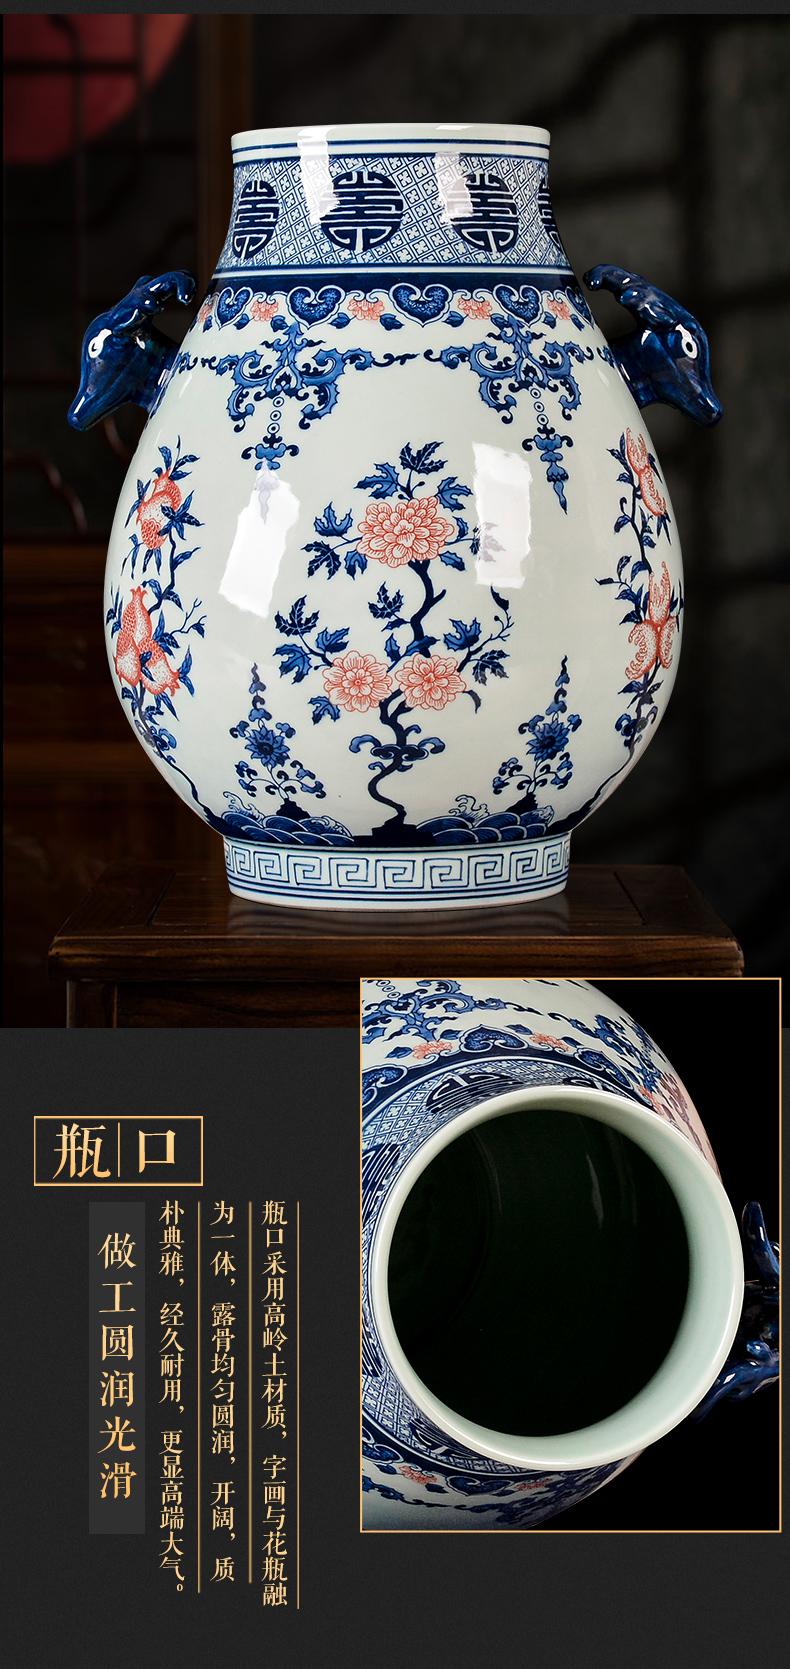 景德镇陶瓷器花瓶仿古青花瓷中式家居客厅插花电视柜书房装饰摆件